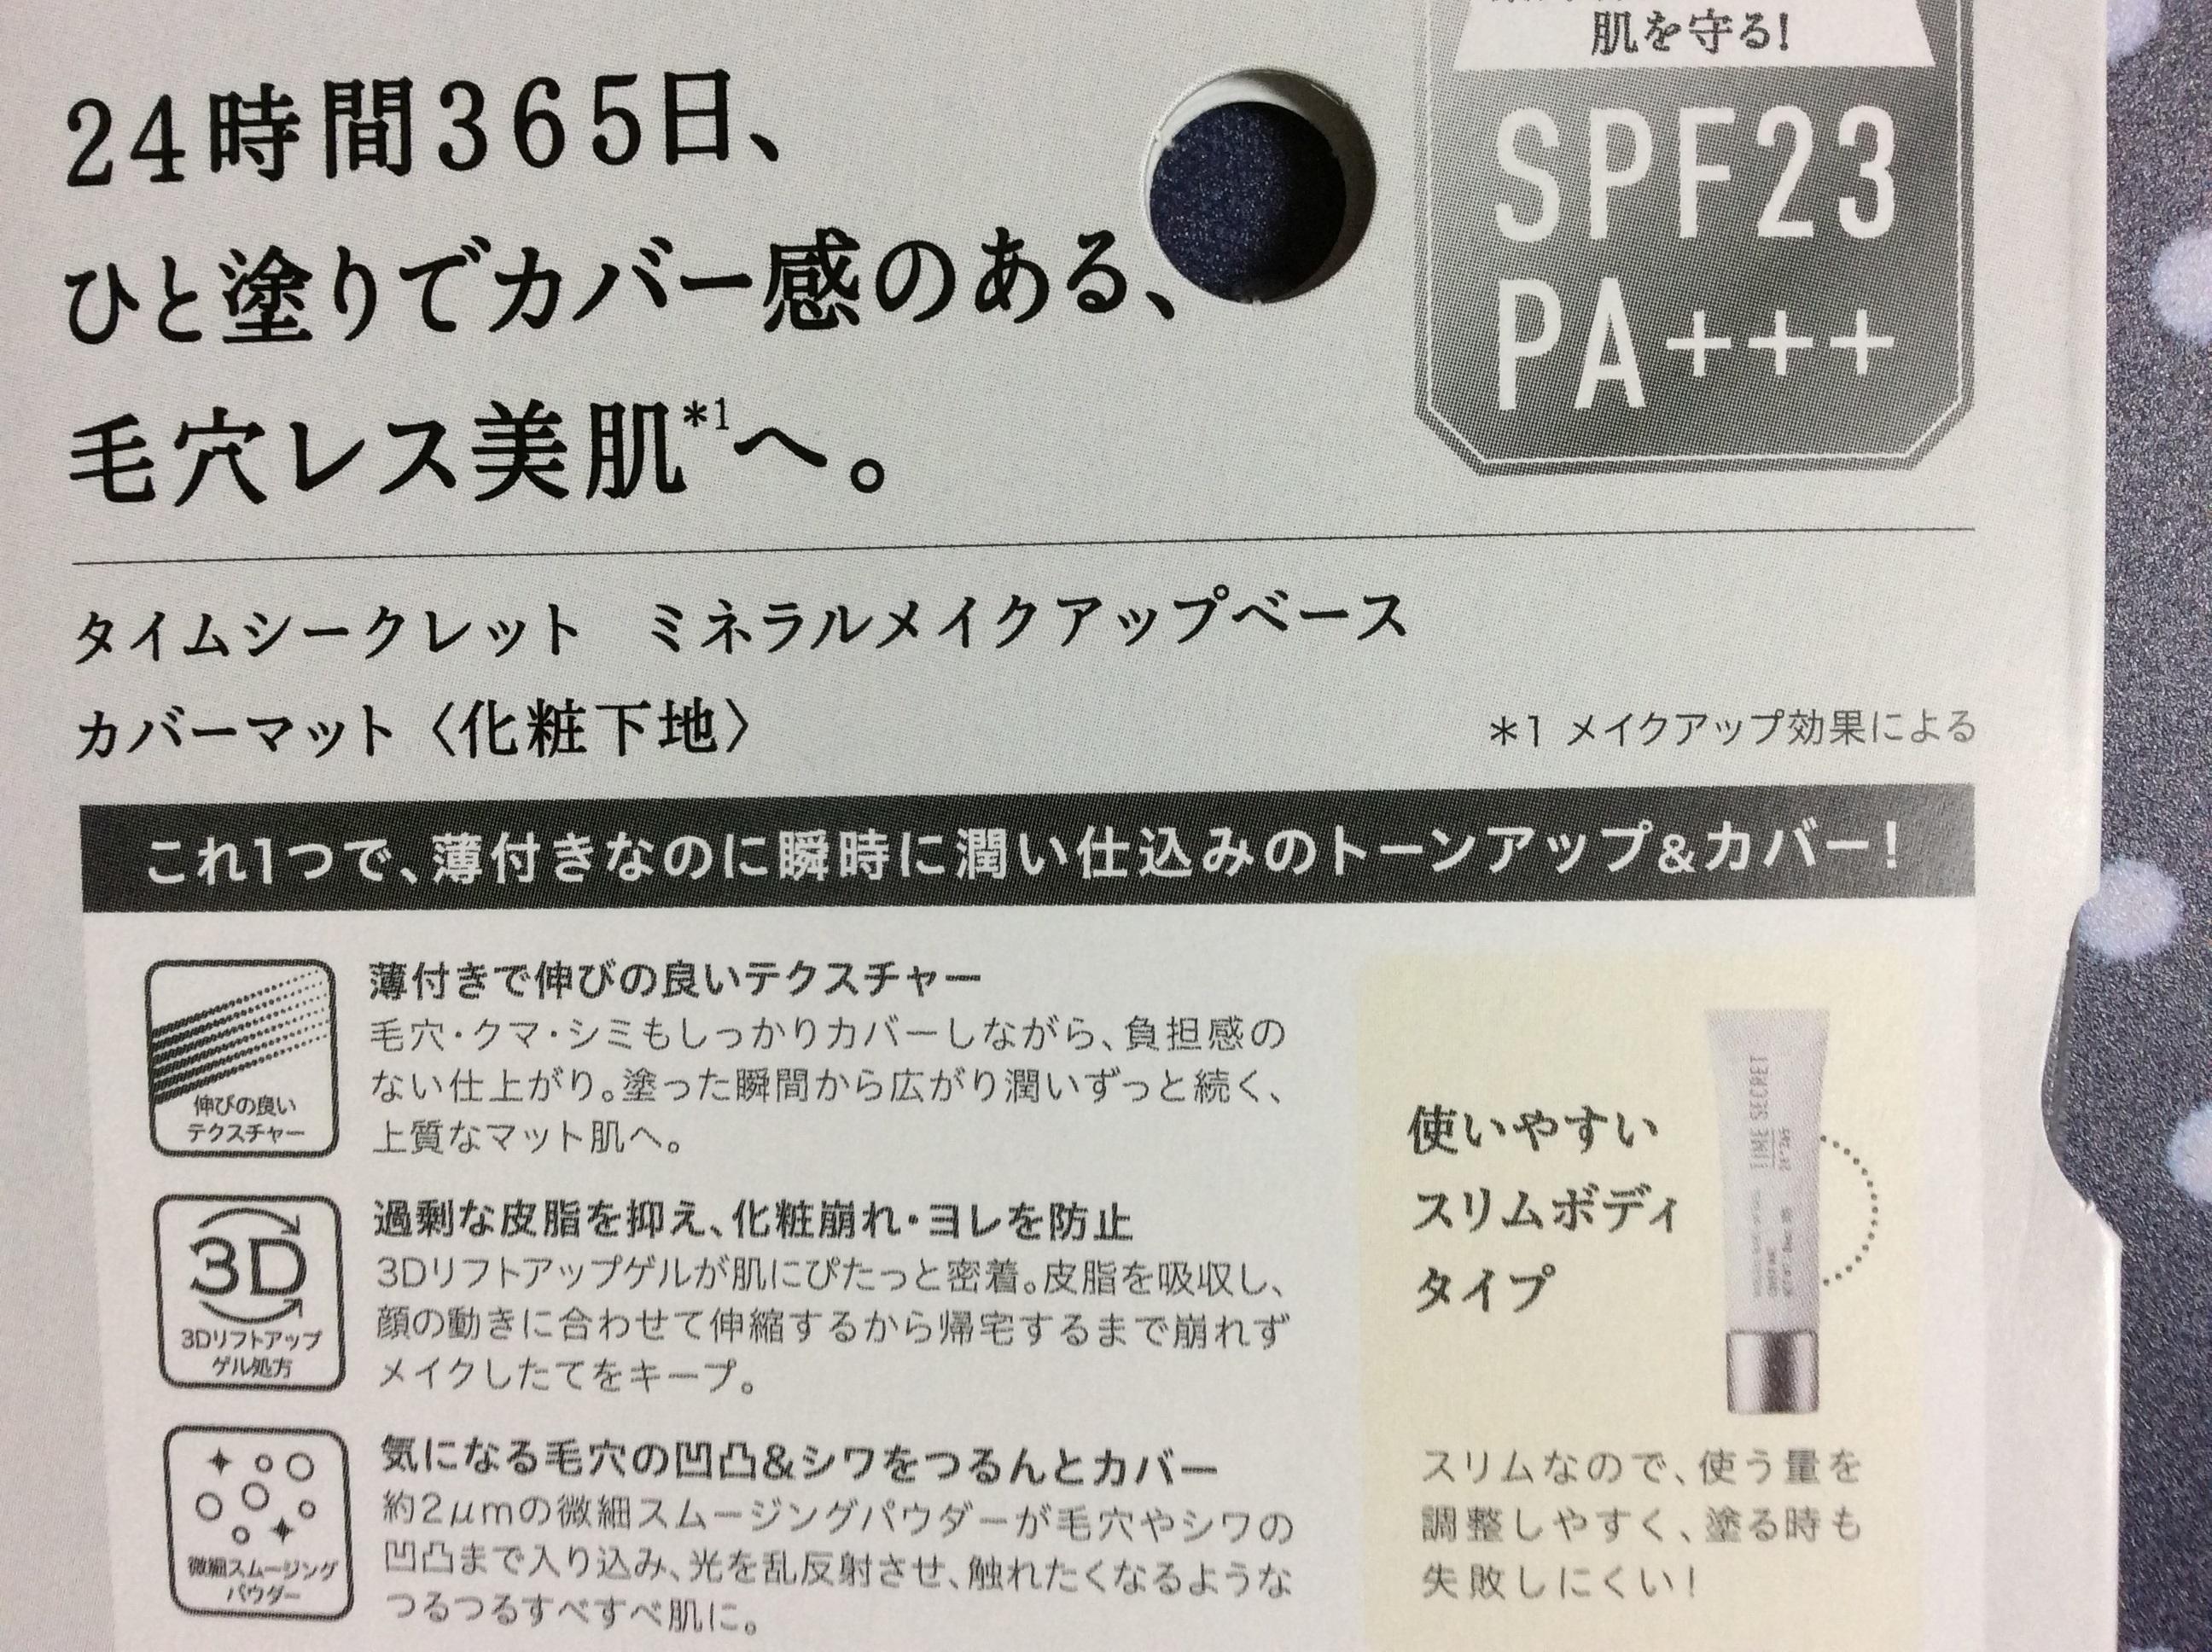 C8E96D97-7FD5-4AD0-901C-F5CD619F01D0.jpeg